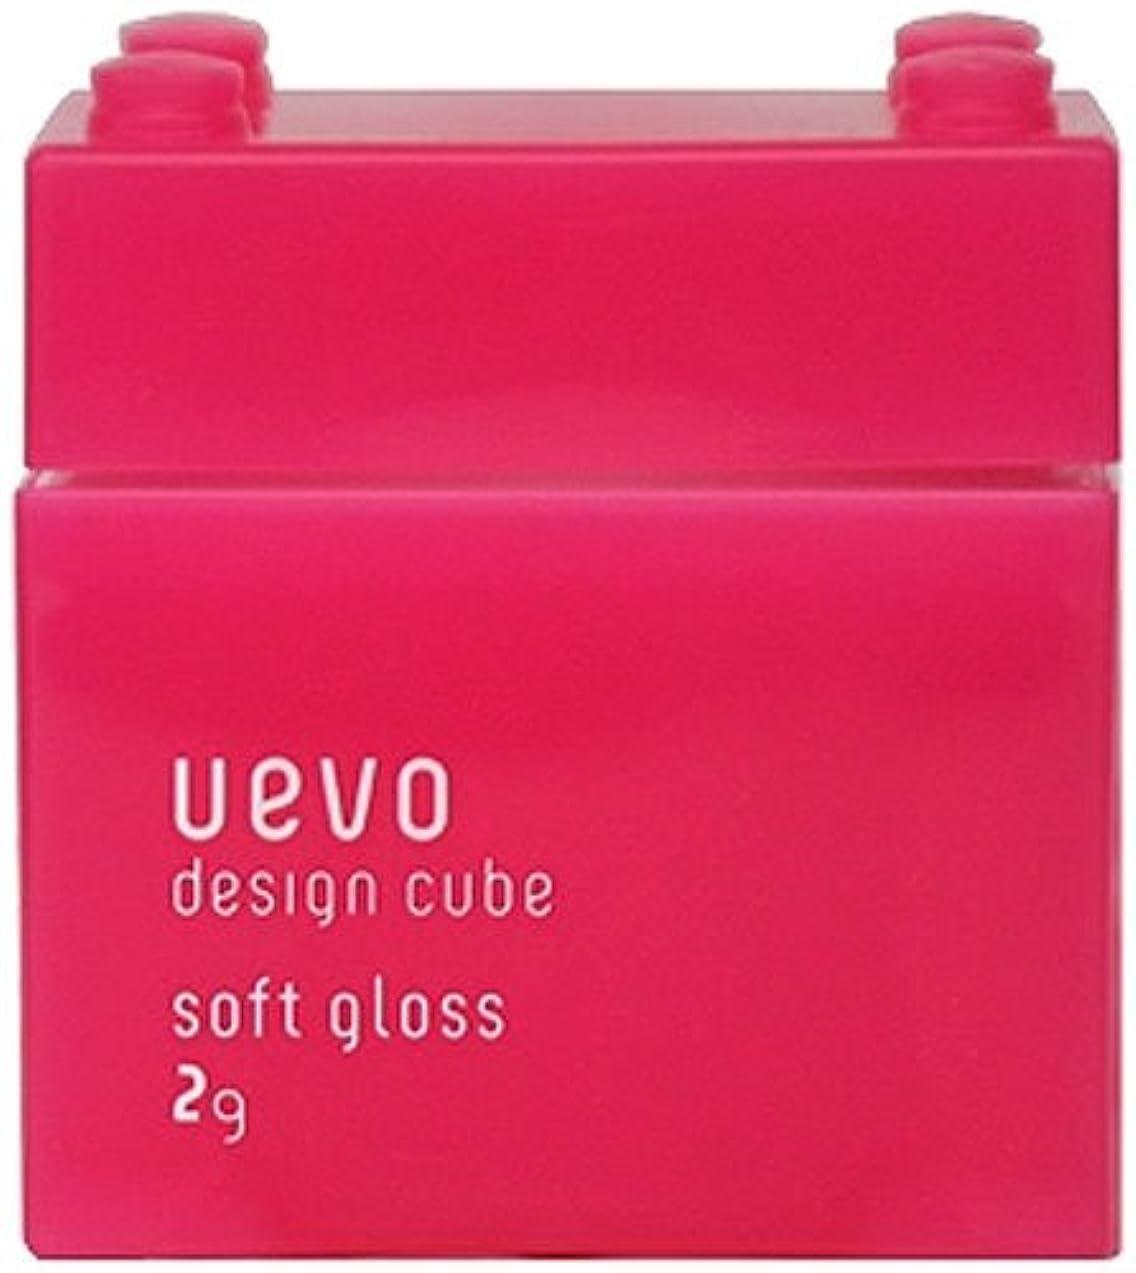 ワインレオナルドダ代表するウェーボ デザインキューブ ソフトグロス 80g